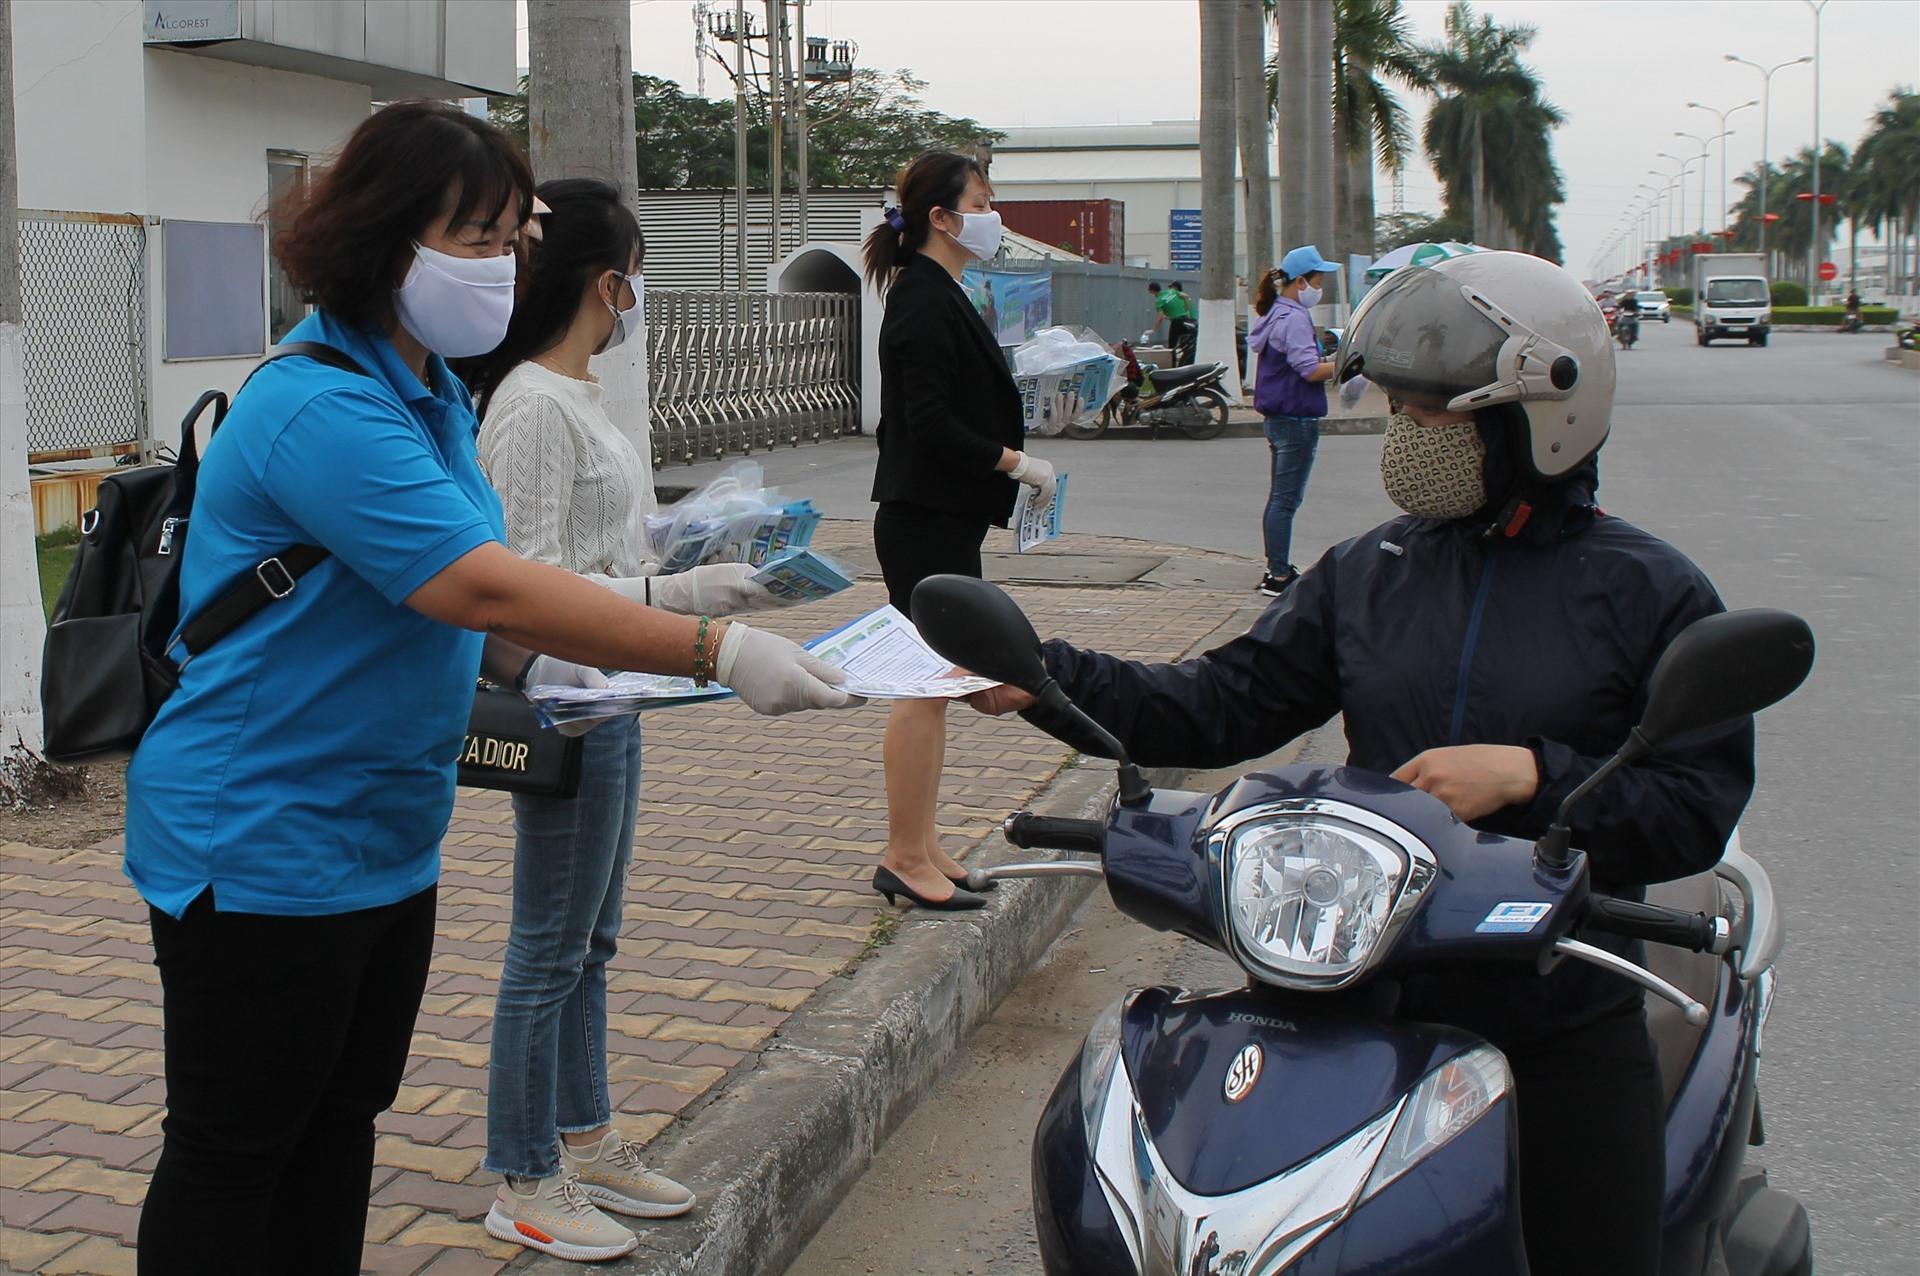 Ngoài khẩu trang kháng khuẩn, người lao động được nhận tờ rơi tuyên truyền dịch bệnh COVID-19.